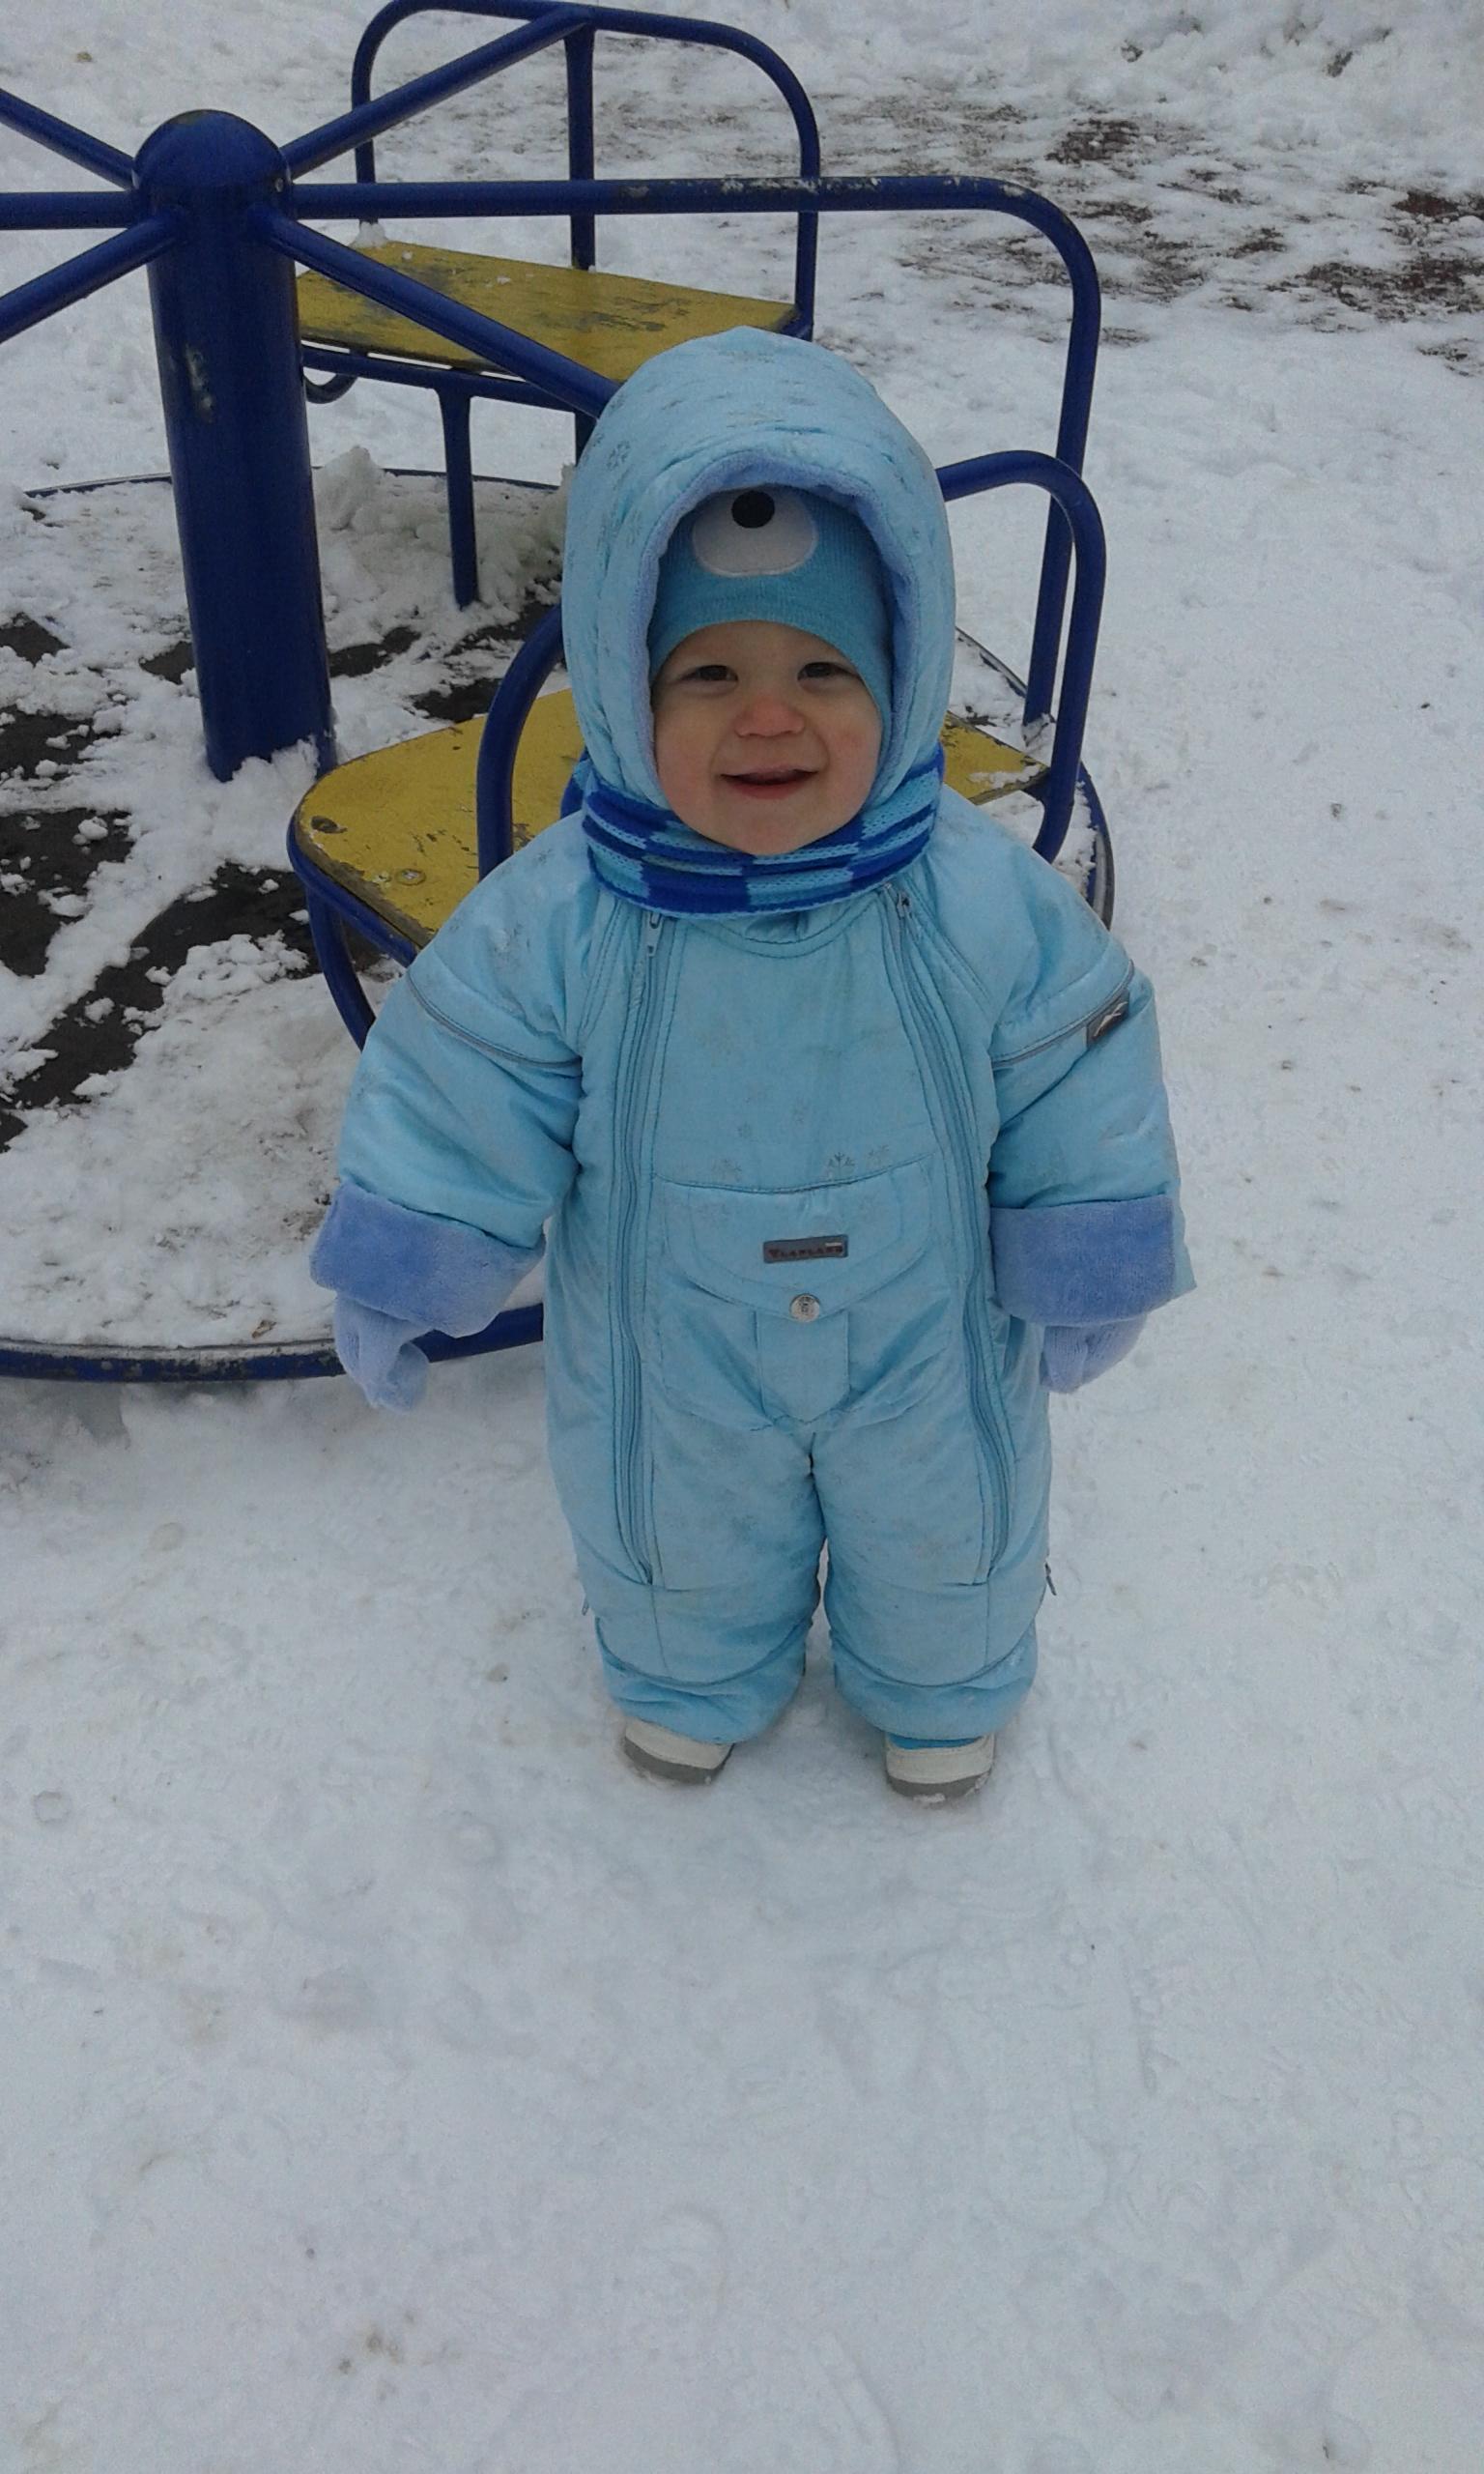 Замерзли,но все равно гуляем. Веселая зима